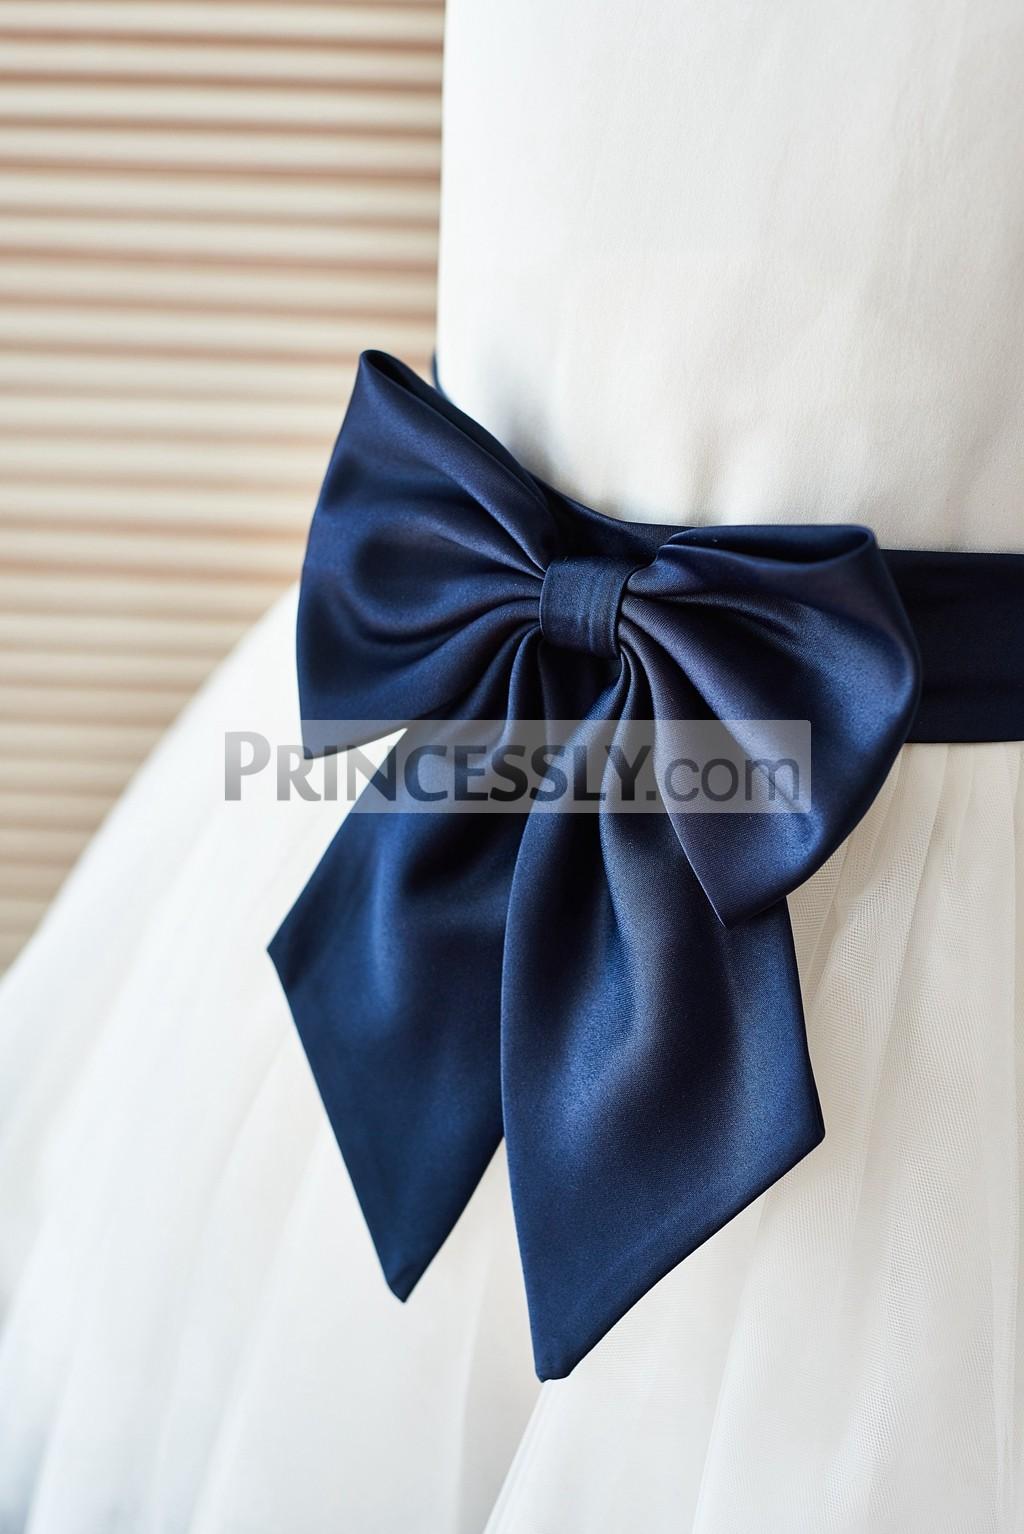 b716bd003d4 Flower Girl Dresses With Navy Ribbon - Data Dynamic AG